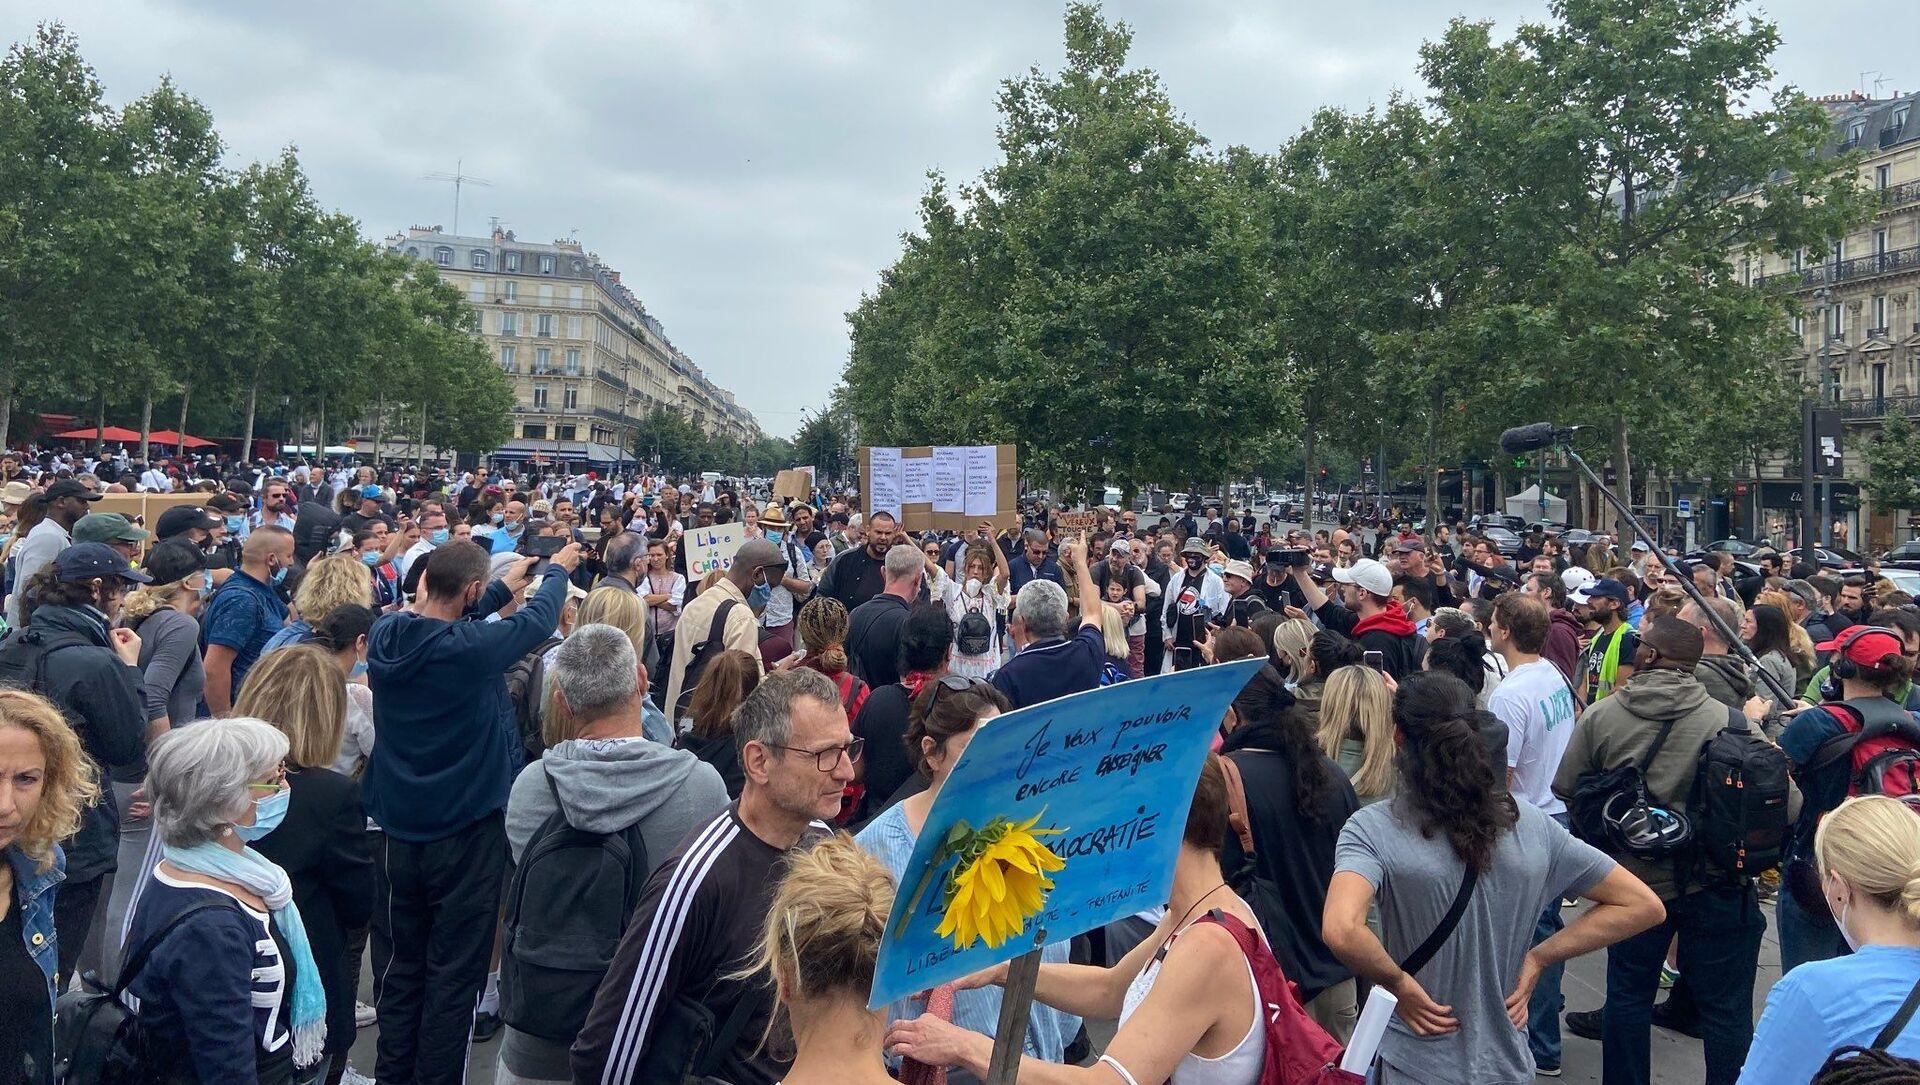 Une manifestation contre le pass sanitaire à Paris, le 17 juillet 2021 - Sputnik France, 1920, 19.07.2021